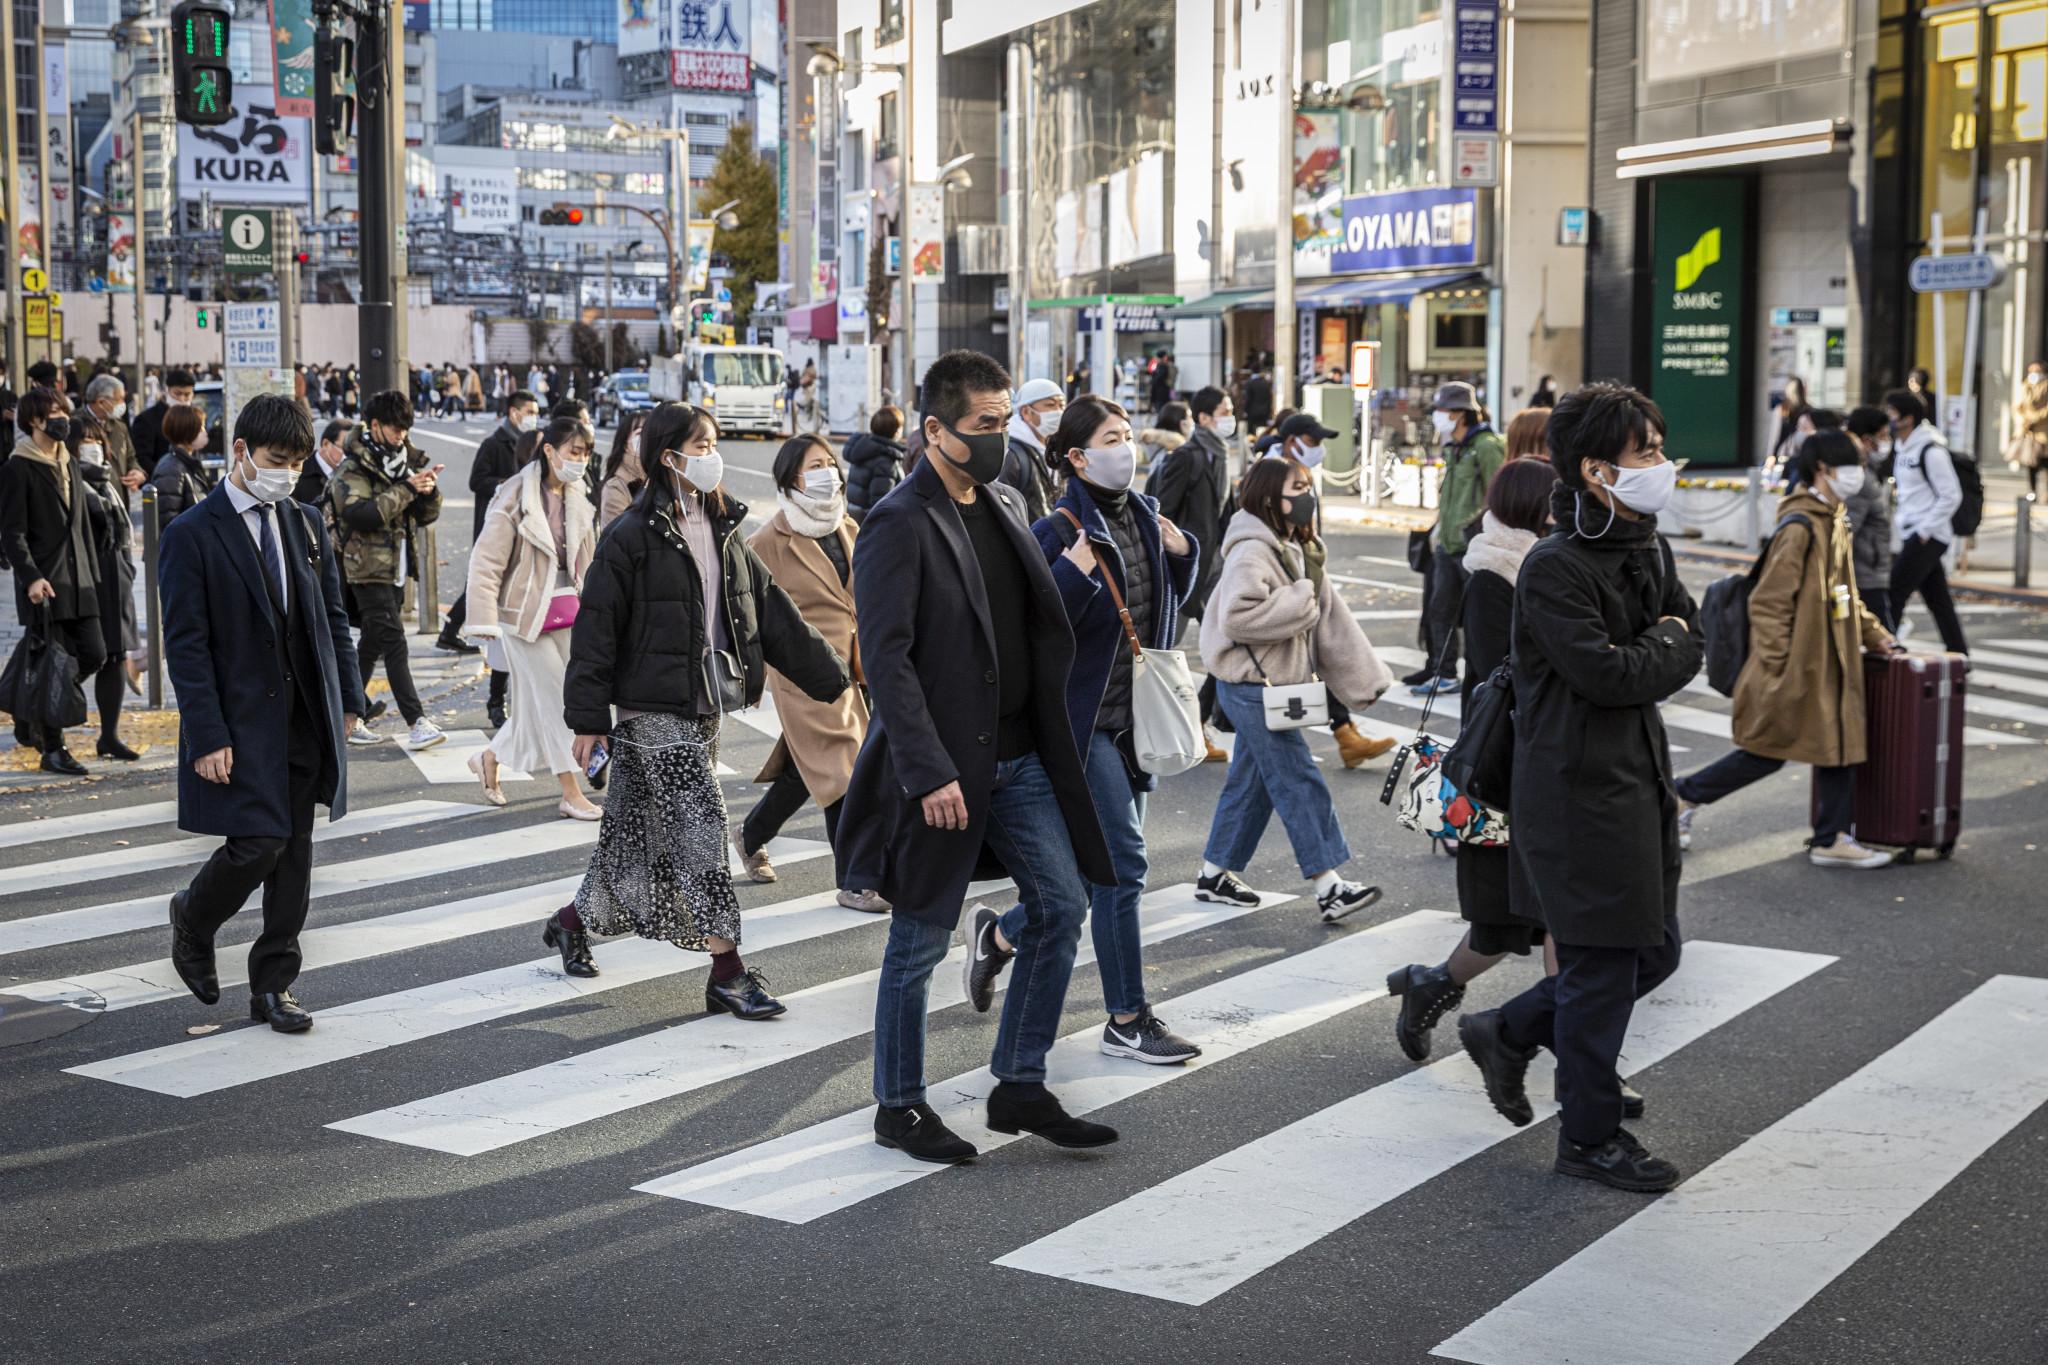 Primer Ministro de Japón considera el estado de emergencia por incremento COVID